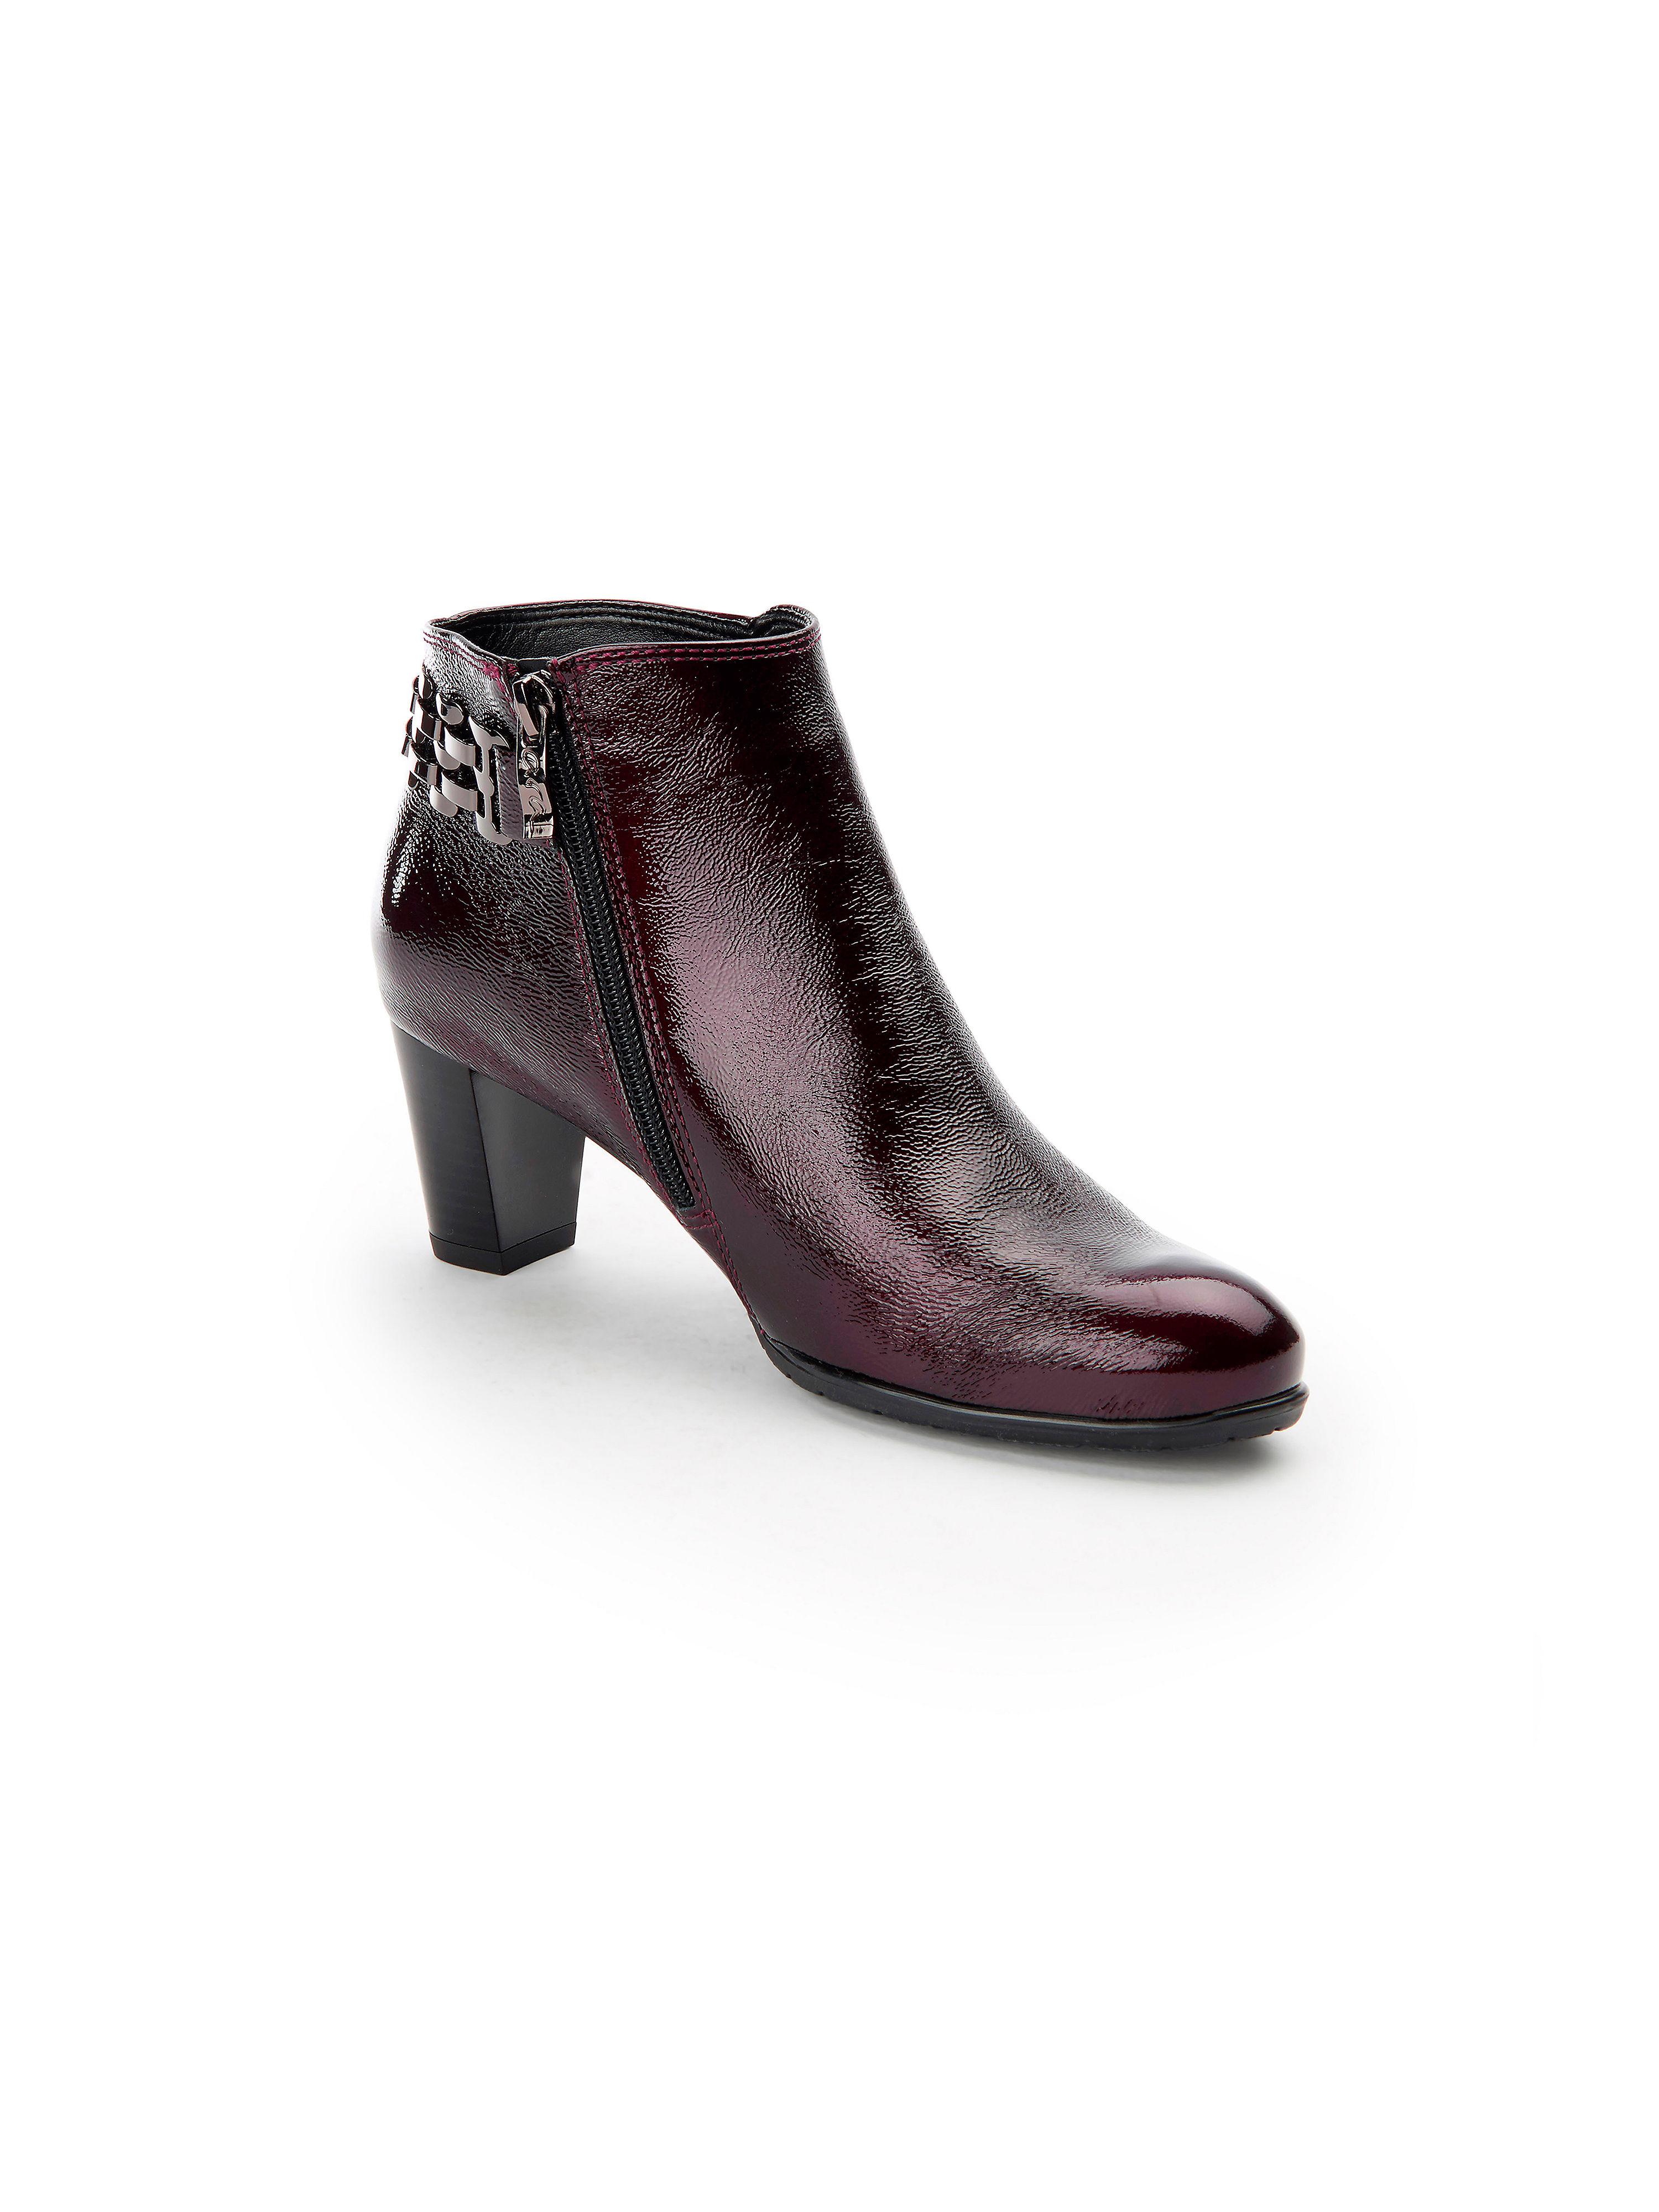 ARA - Stiefelette aus 100% Leder - Bordeaux Gute Qualität beliebte Schuhe